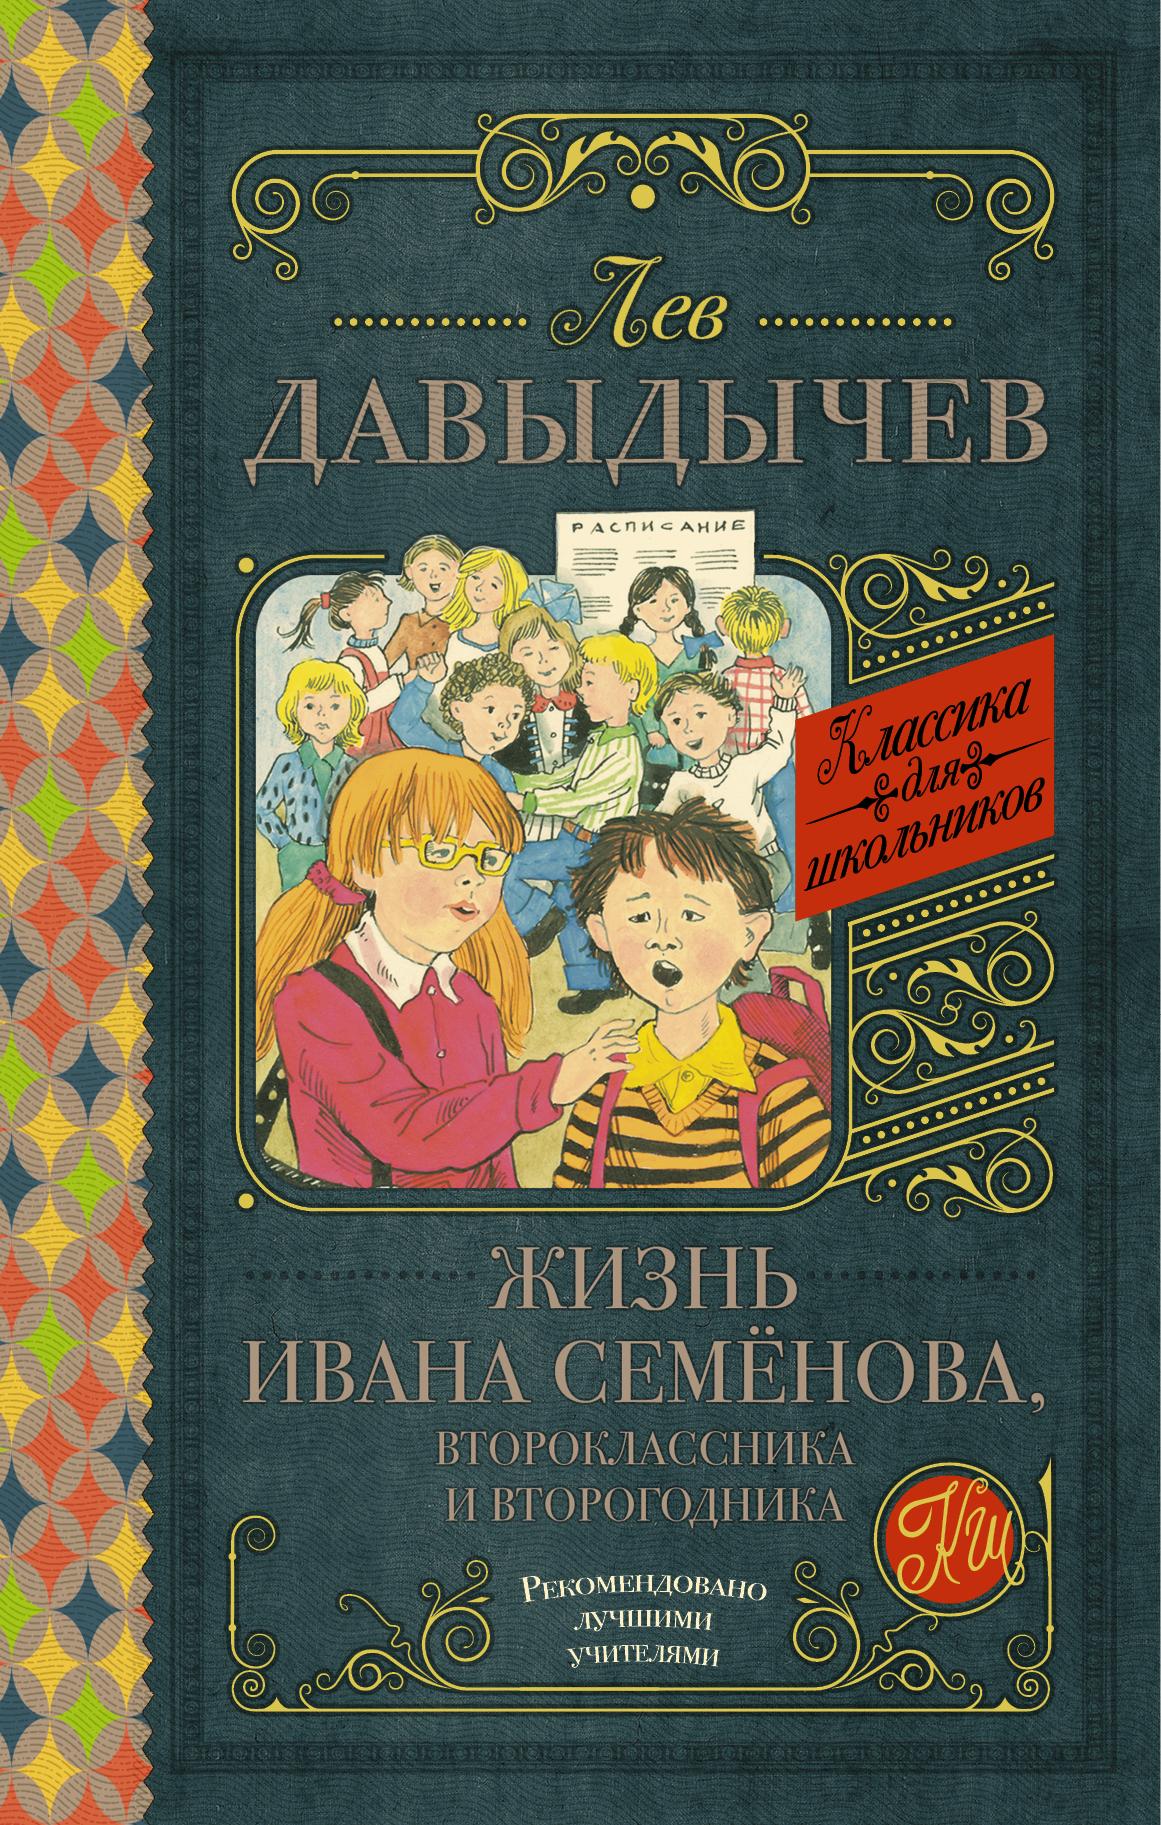 Жизнь Ивана Семёнова, второклассника и второгодника (сборник)